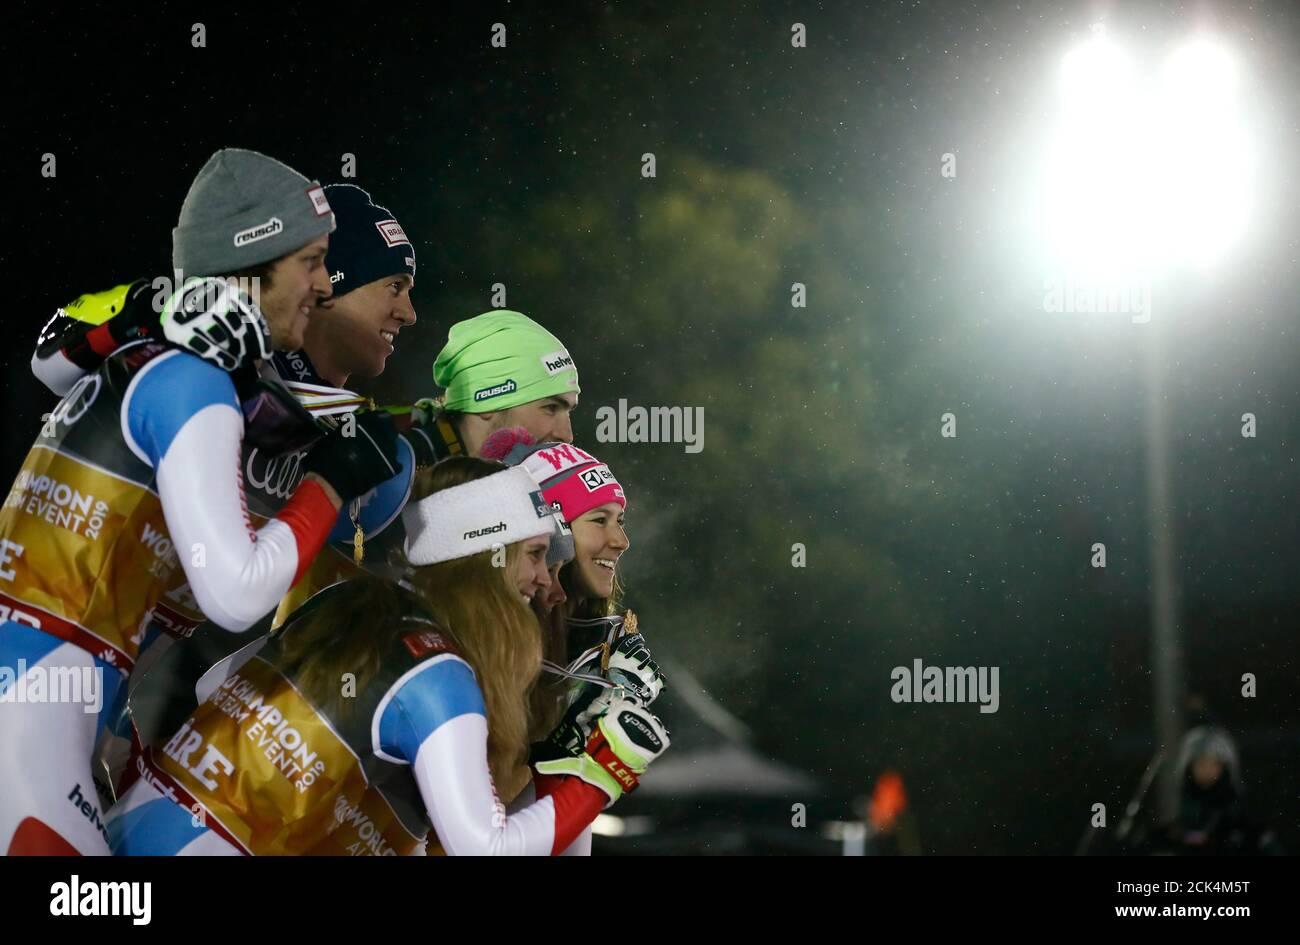 Ski alpin - FIS Championnats du monde de ski alpin - épreuve mixte de l'équipe de ski alpin - Are, Suède - 12 février 2019 - les médaillés d'or de Suisse, Aline Danioth, Andrea Ellenberger, Wendy Holdener, Sandro Simonet, Daniel Yule et Ramon Zenhaeusern, posent avec leurs médailles. REUTERS/Christian Hartmann Banque D'Images